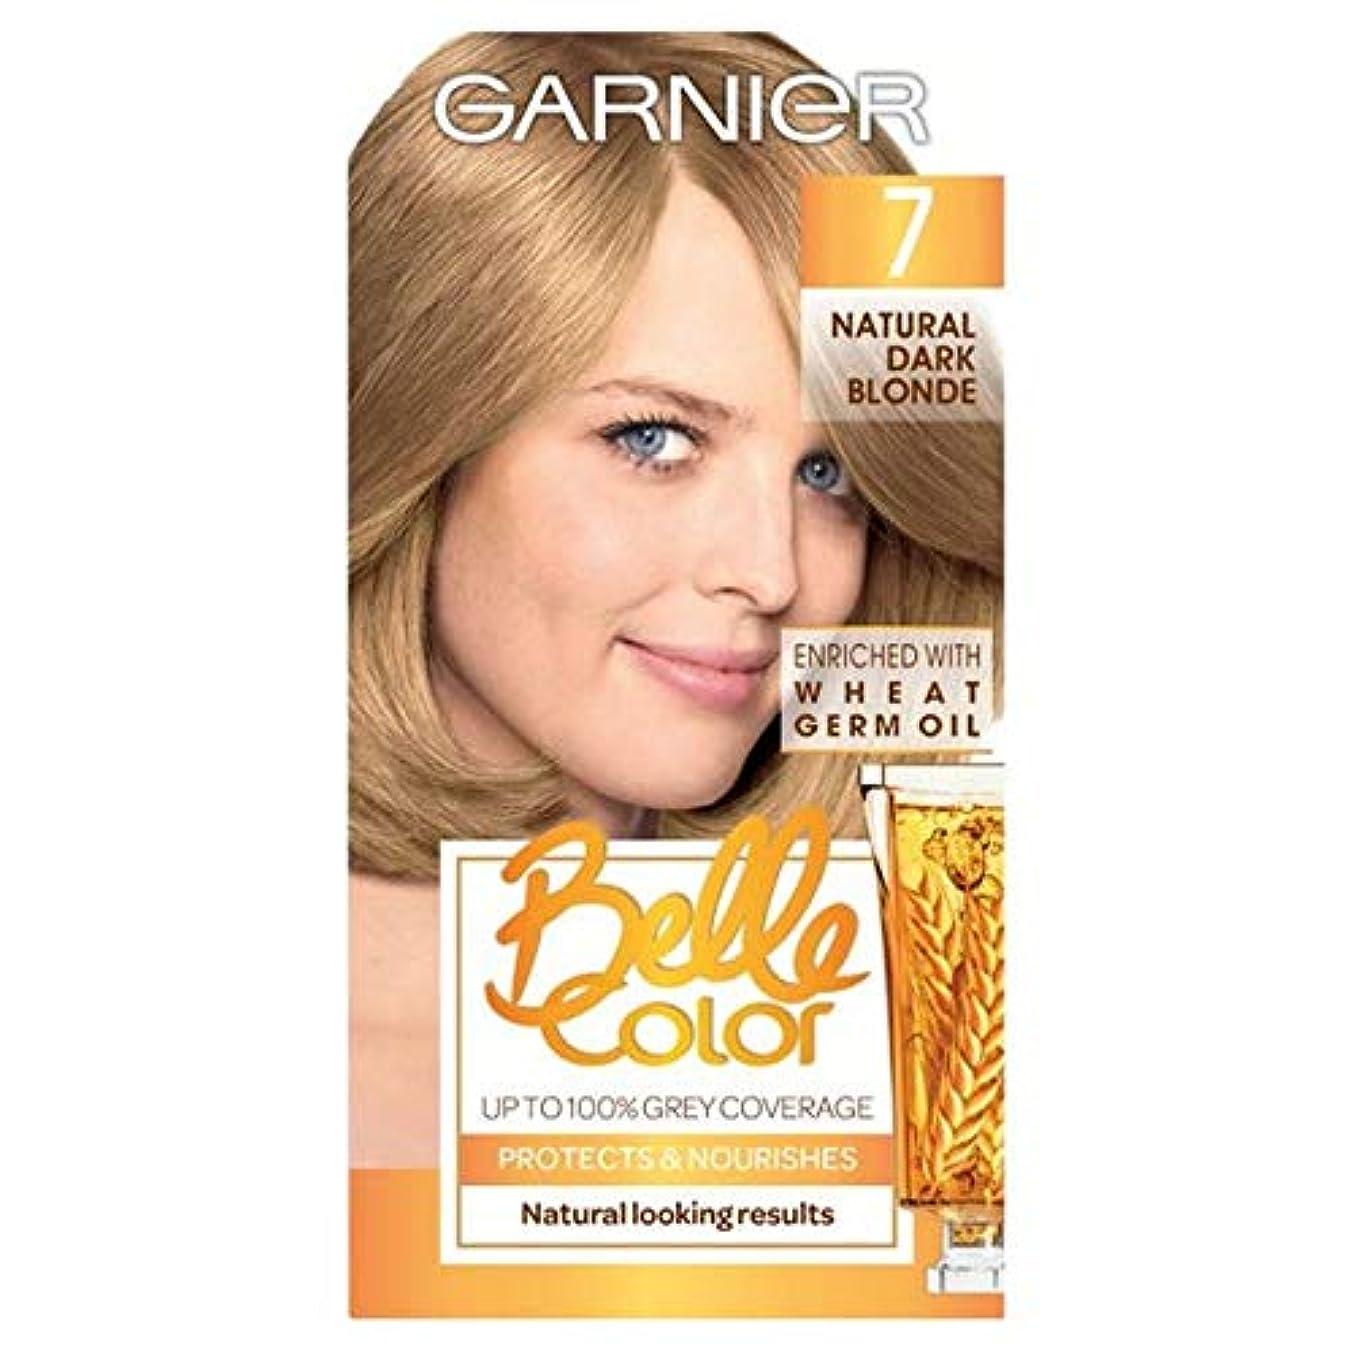 健康的うんざりダース[Belle Color ] ガーン/ベル/Clr 7ナチュラルダークブロンドパーマネントヘアダイ - Garn/Bel/Clr 7 Natural Dark Blonde Permanent Hair Dye [並行輸入品]